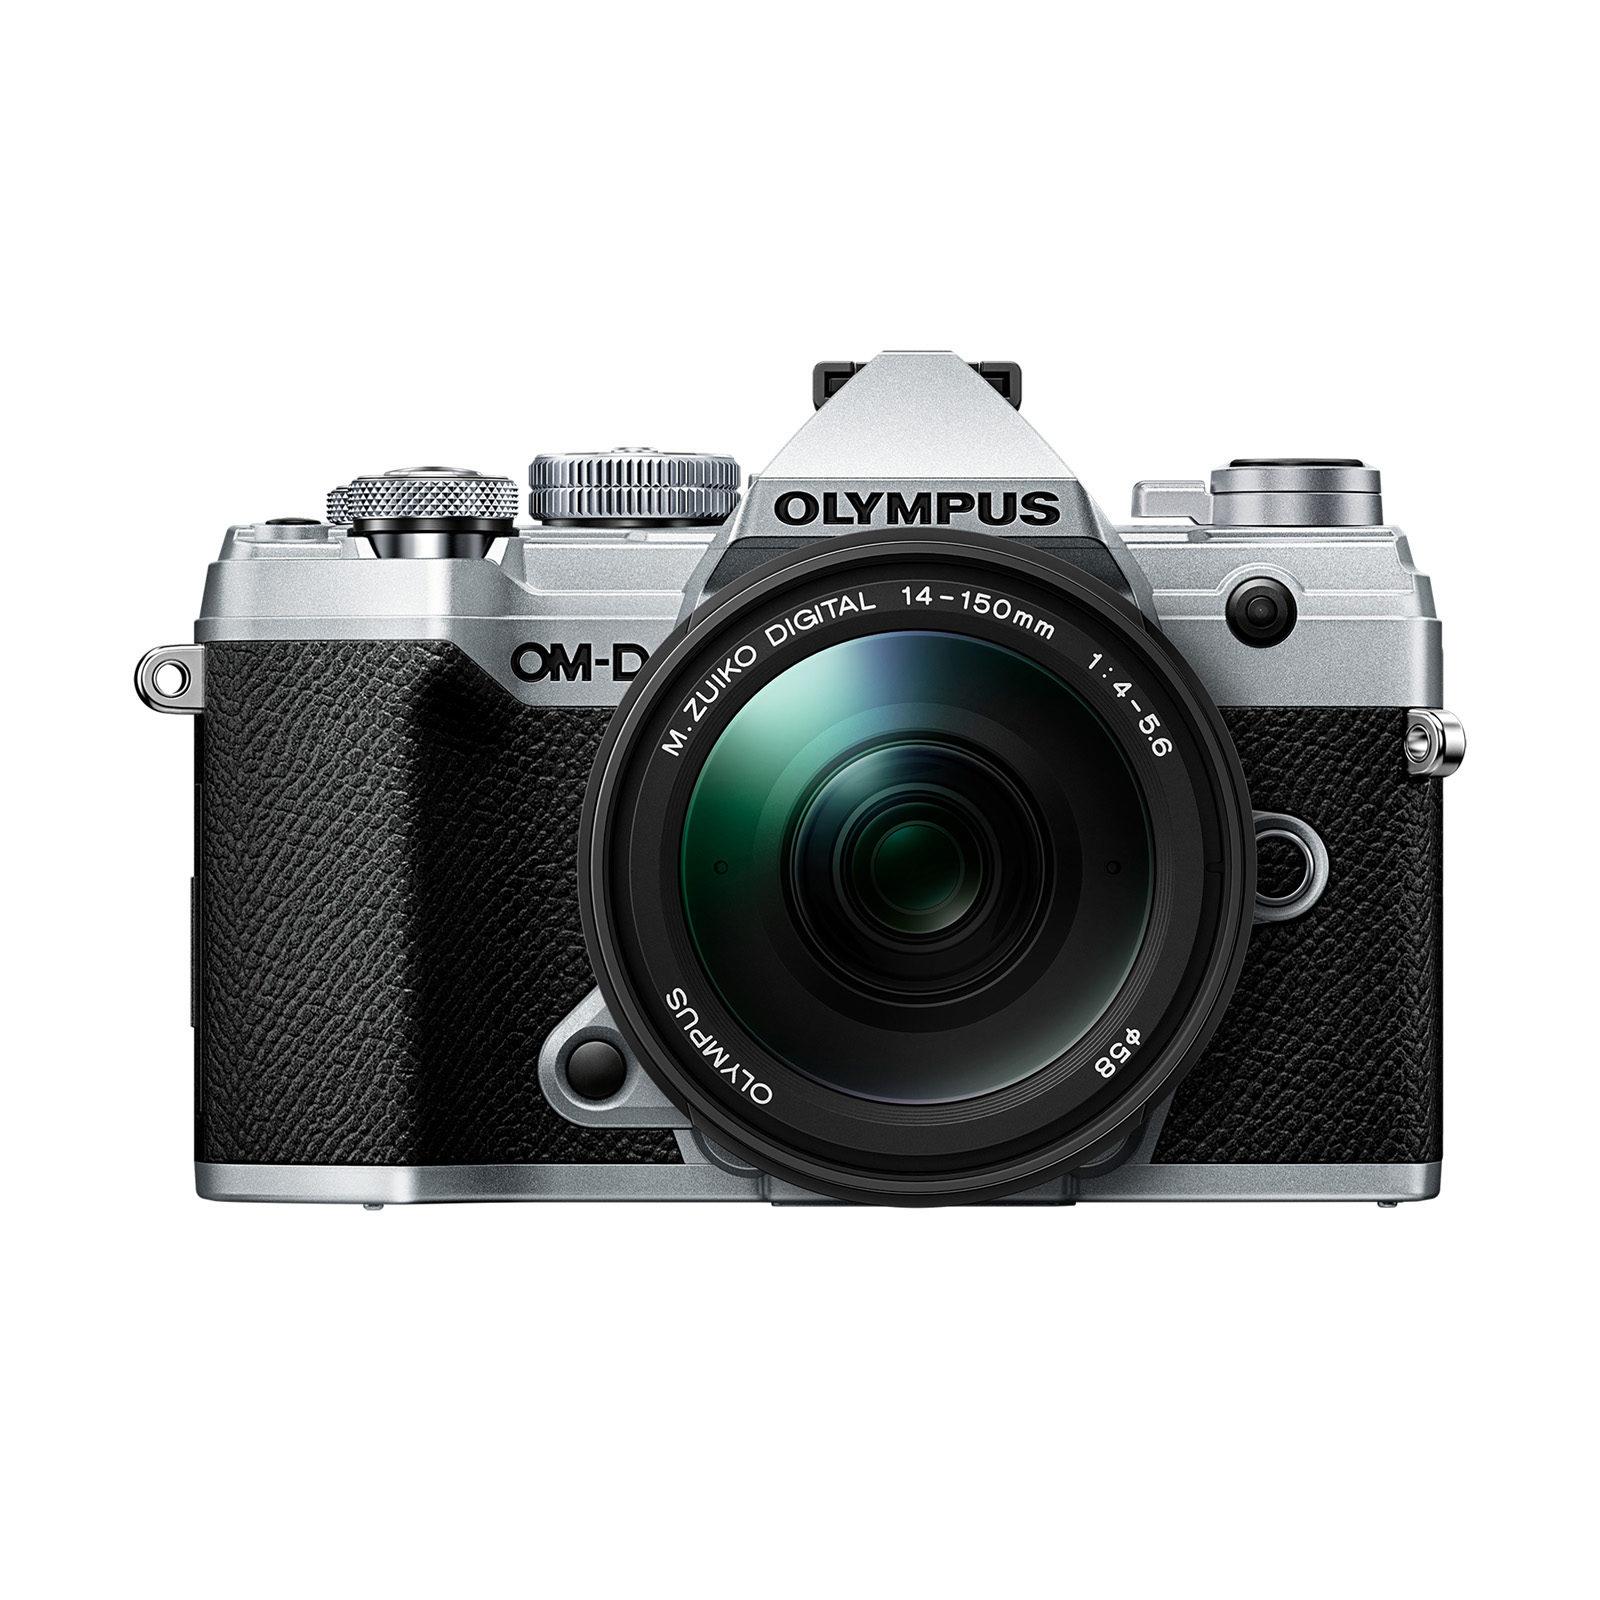 Olympus OM-D E-M5 Mark III systeemcamera Zilver + 14-150mm Zwart <br/>€ 1429.00 <br/> <a href='https://www.cameranu.nl/fotografie/?tt=12190_474631_241358_&r=https%3A%2F%2Fwww.cameranu.nl%2Fnl%2Fp3130147%2Folympus-om-d-e-m5-mark-iii-systeemcamera-zilver-14-150mm-zwart%3Fchannable%3De10841.MzEzMDE0Nw%26utm_campaign%3D%26utm_content%3DOM-D%2Bserie%26utm_source%3DTradetracker%26utm_medium%3Dcpc%26utm_term%3DDigitale%2Bcamera%26apos%3Bs' target='_blank'>naar de winkel</a>